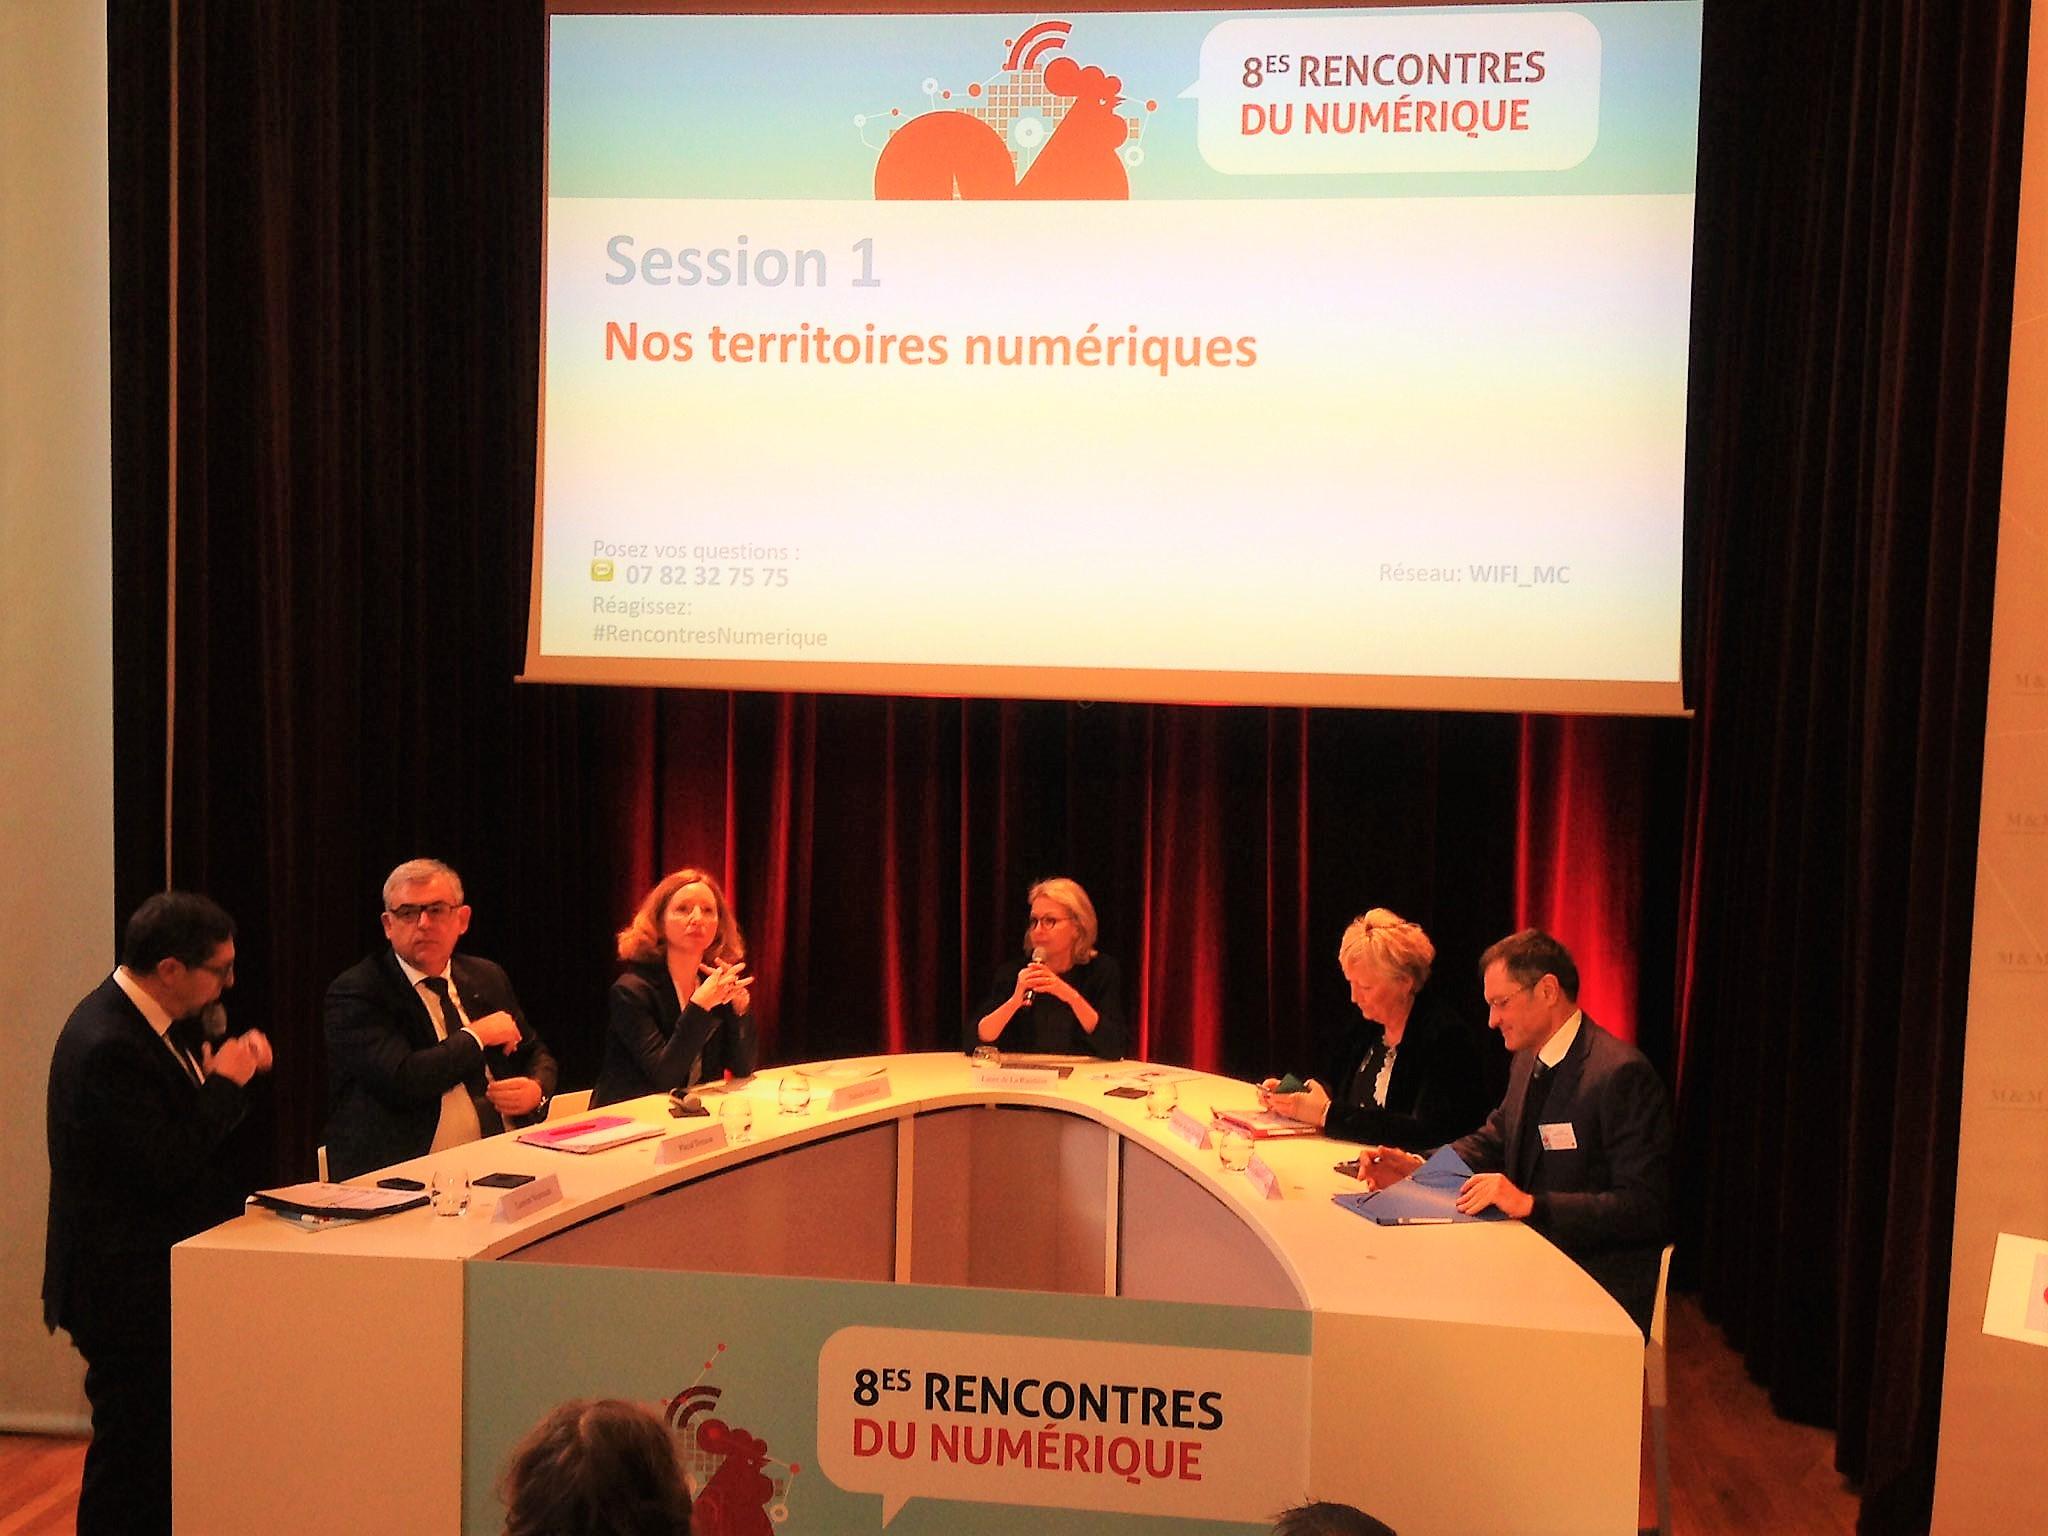 Rencontres parlementaires numerique